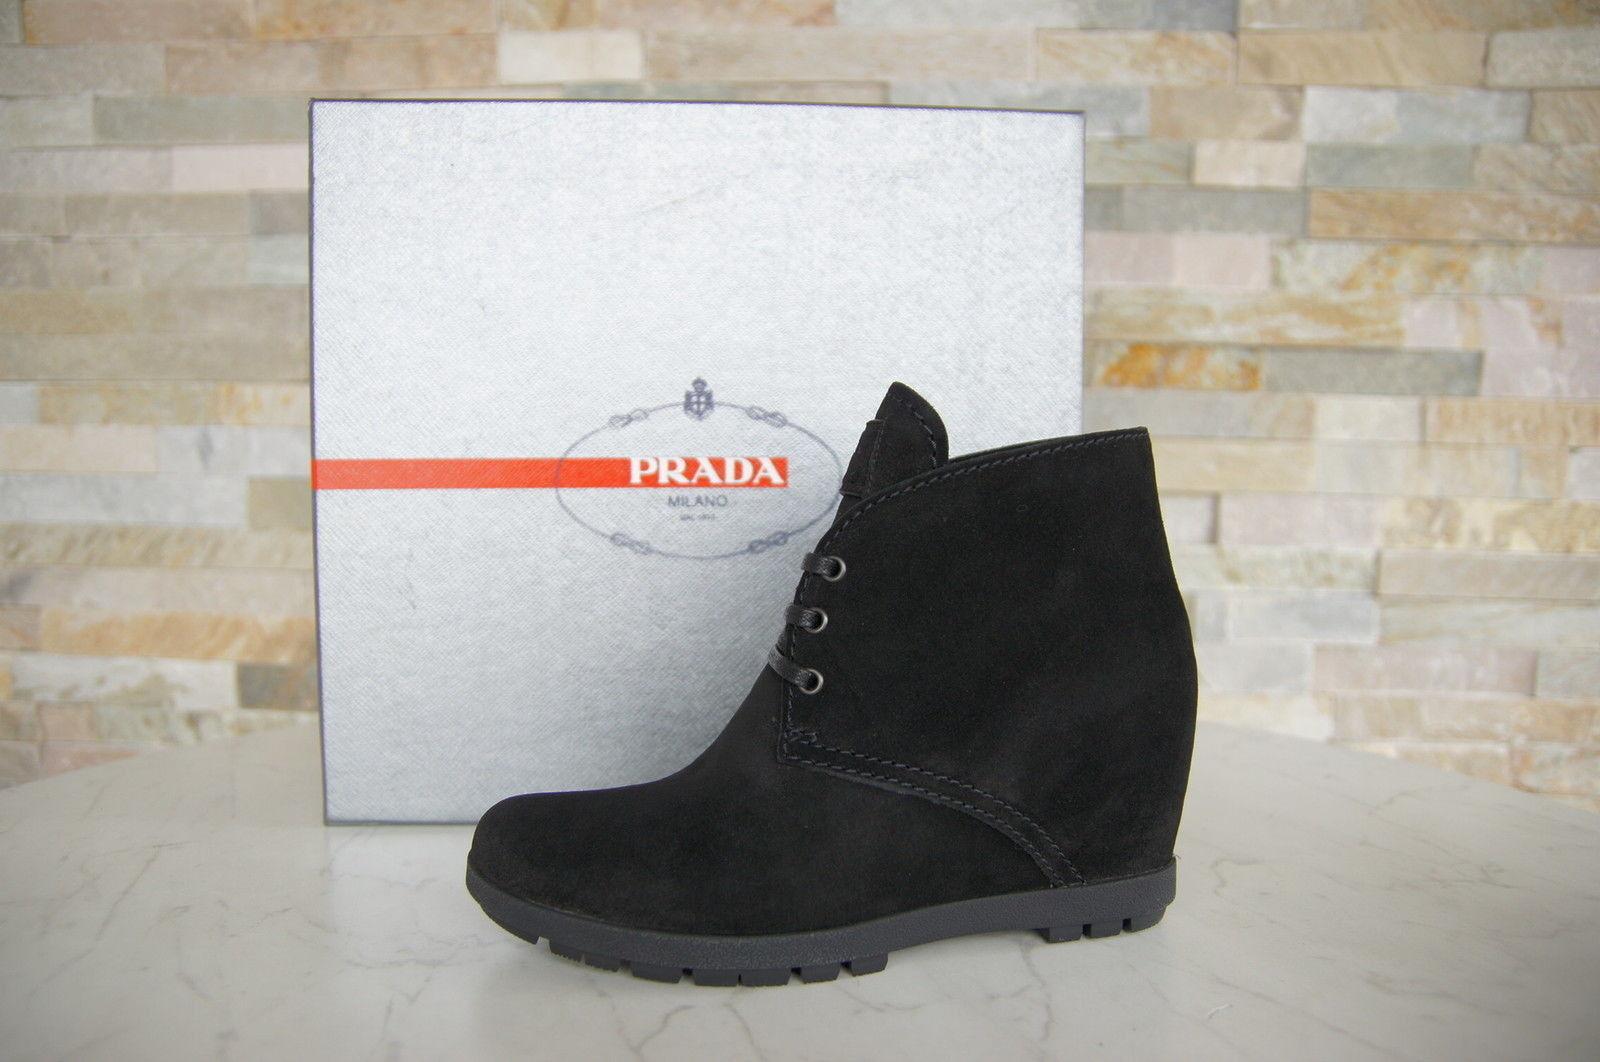 PRADA Gr 36 Stiefeletten Stiefelies Schuhe Schnürschuhe schwarz schwarz schwarz neu ehem.  10 tage rückkehr